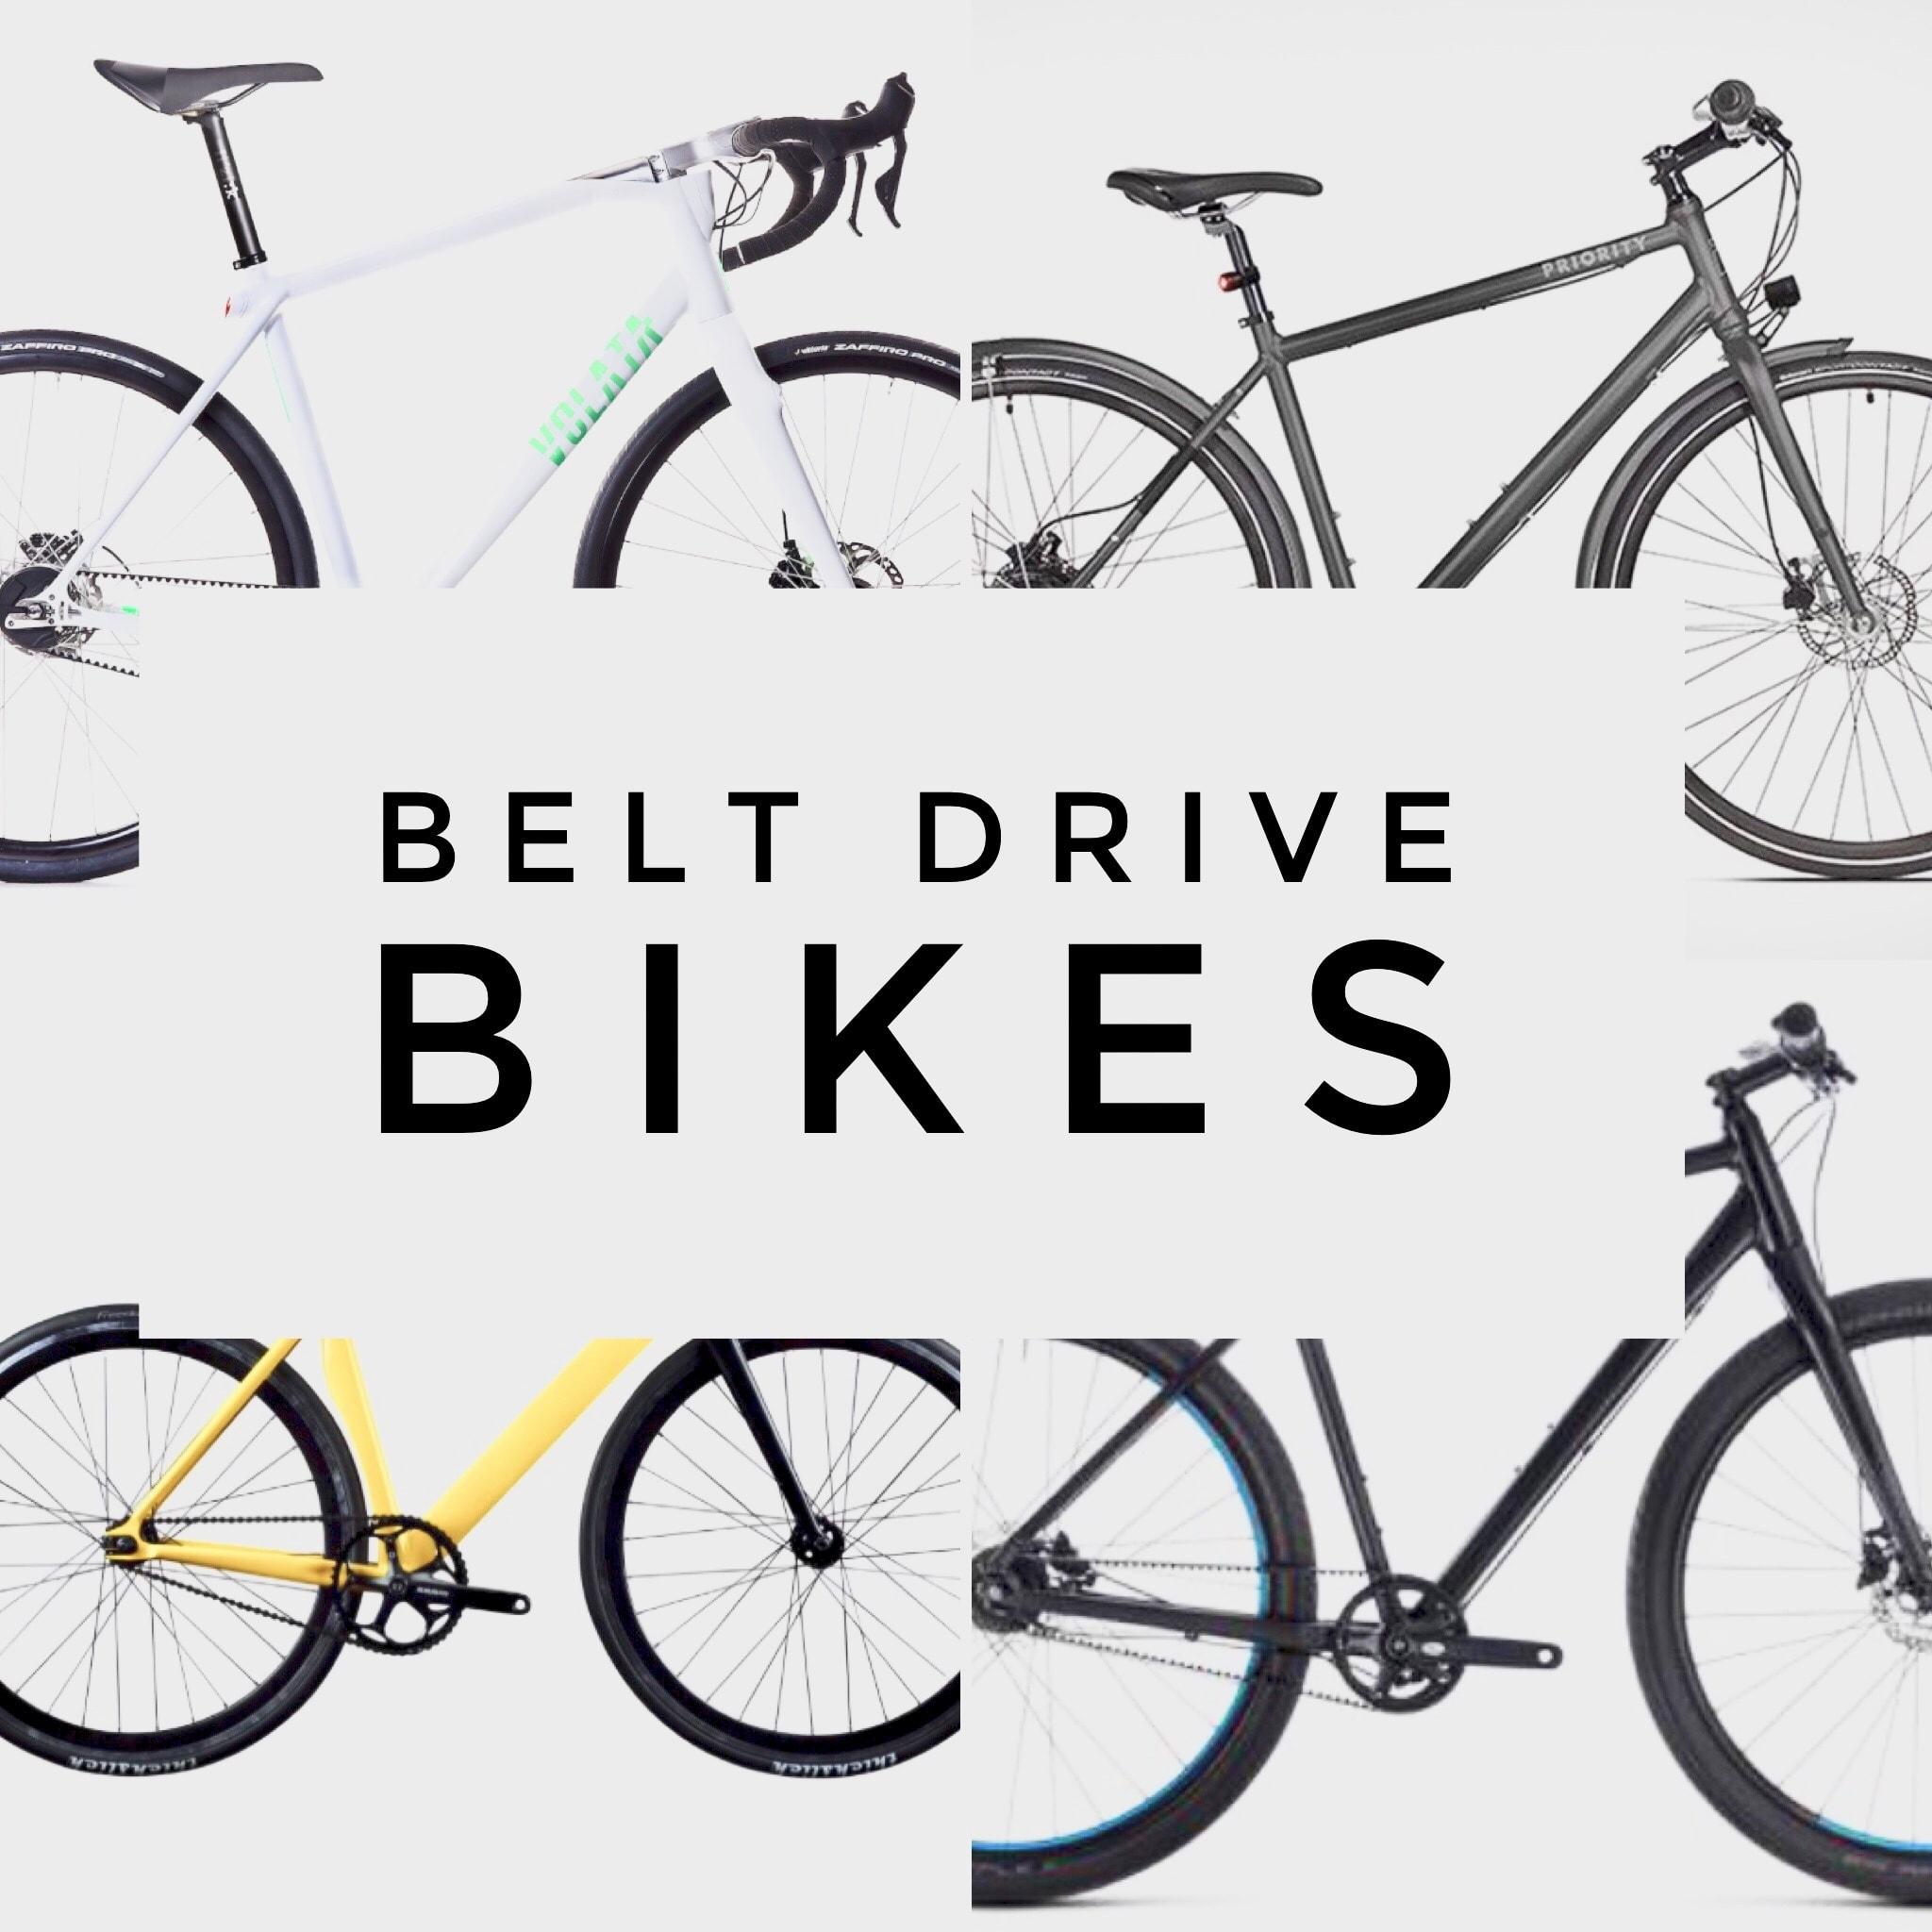 Belt driven bikes